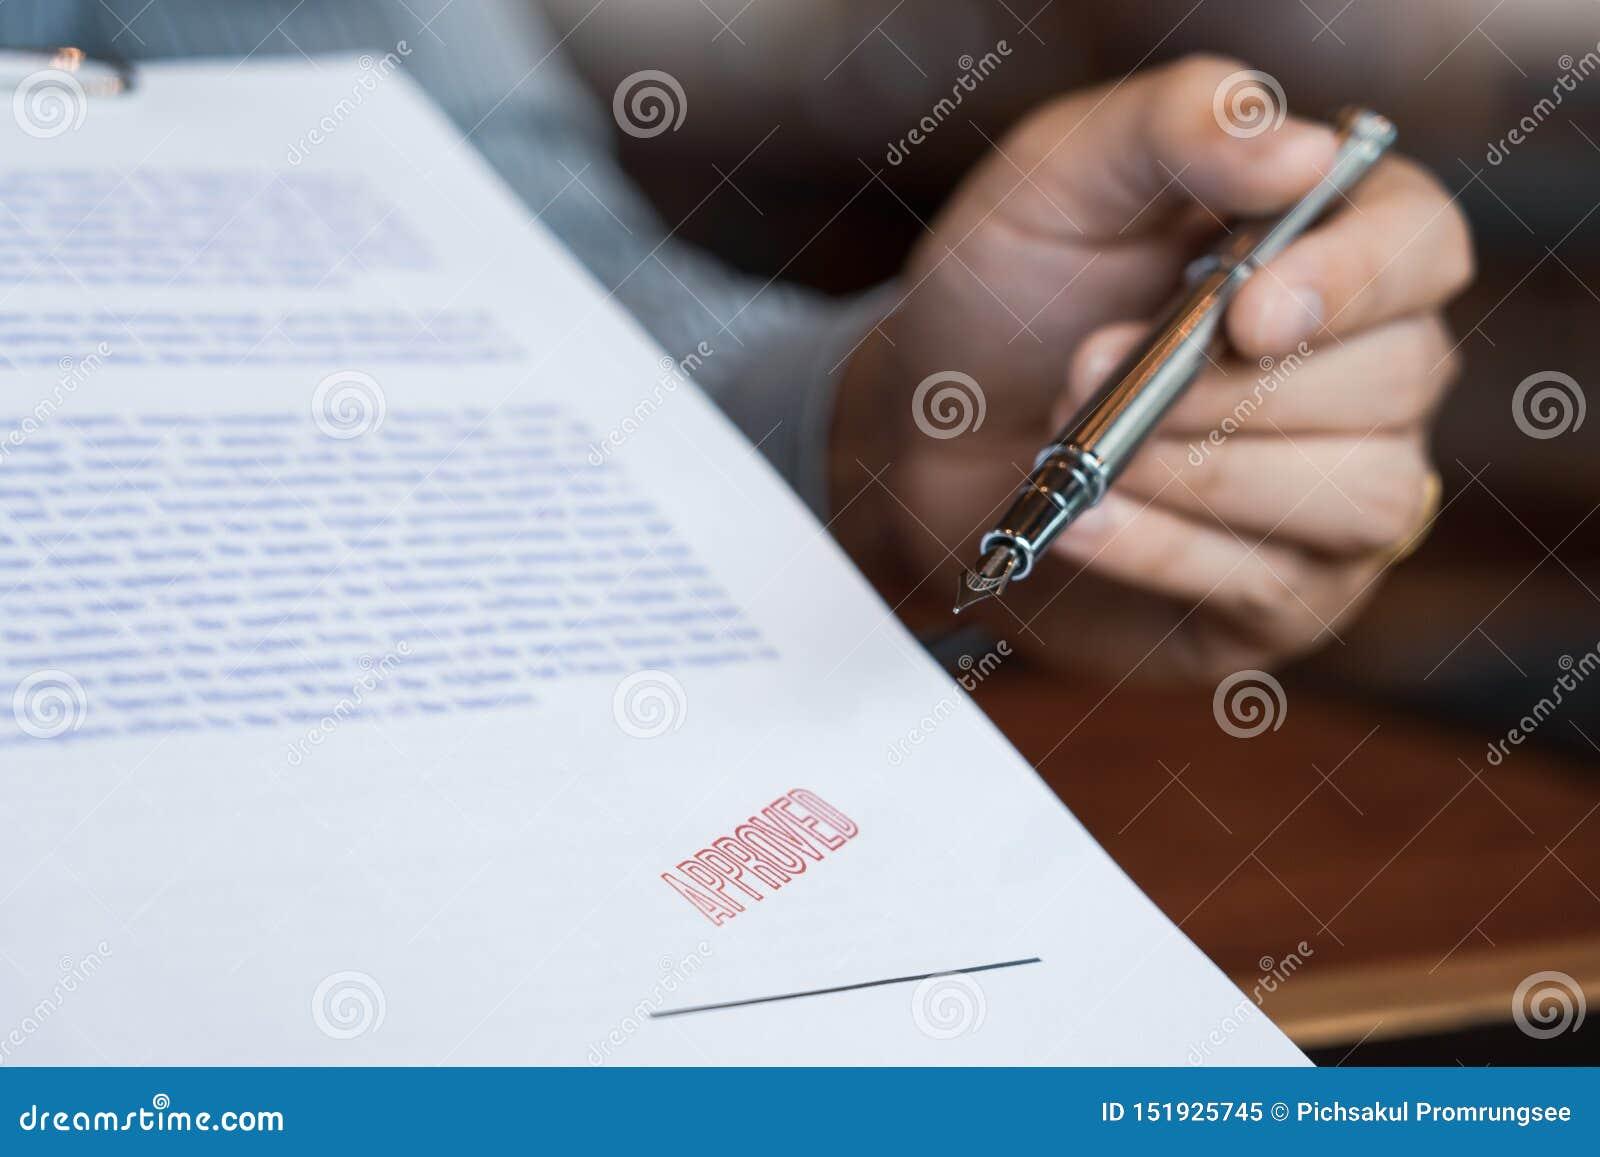 对签署的商业文件的男性点投入的署名,钢笔和批准在文件,证明盖印了